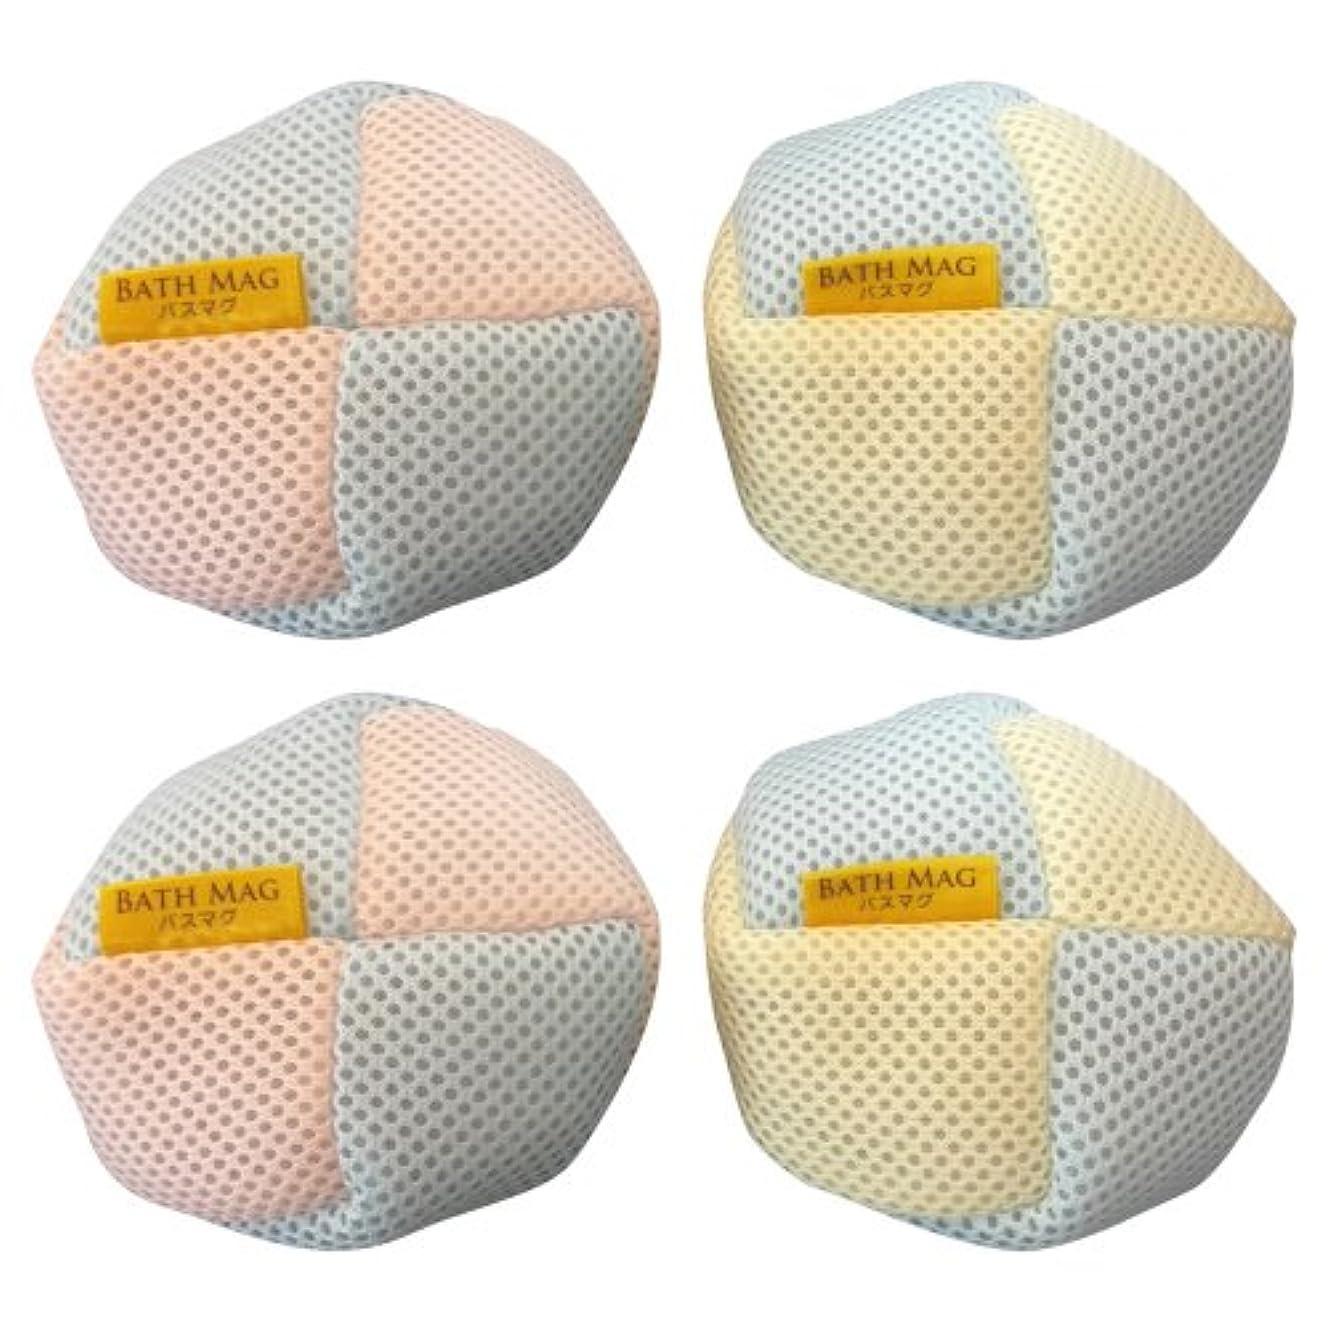 横コインランドリー誰かBATH MAG マグネシウムde水素浴(バスマグ)2個入り×2箱セット(計4個)